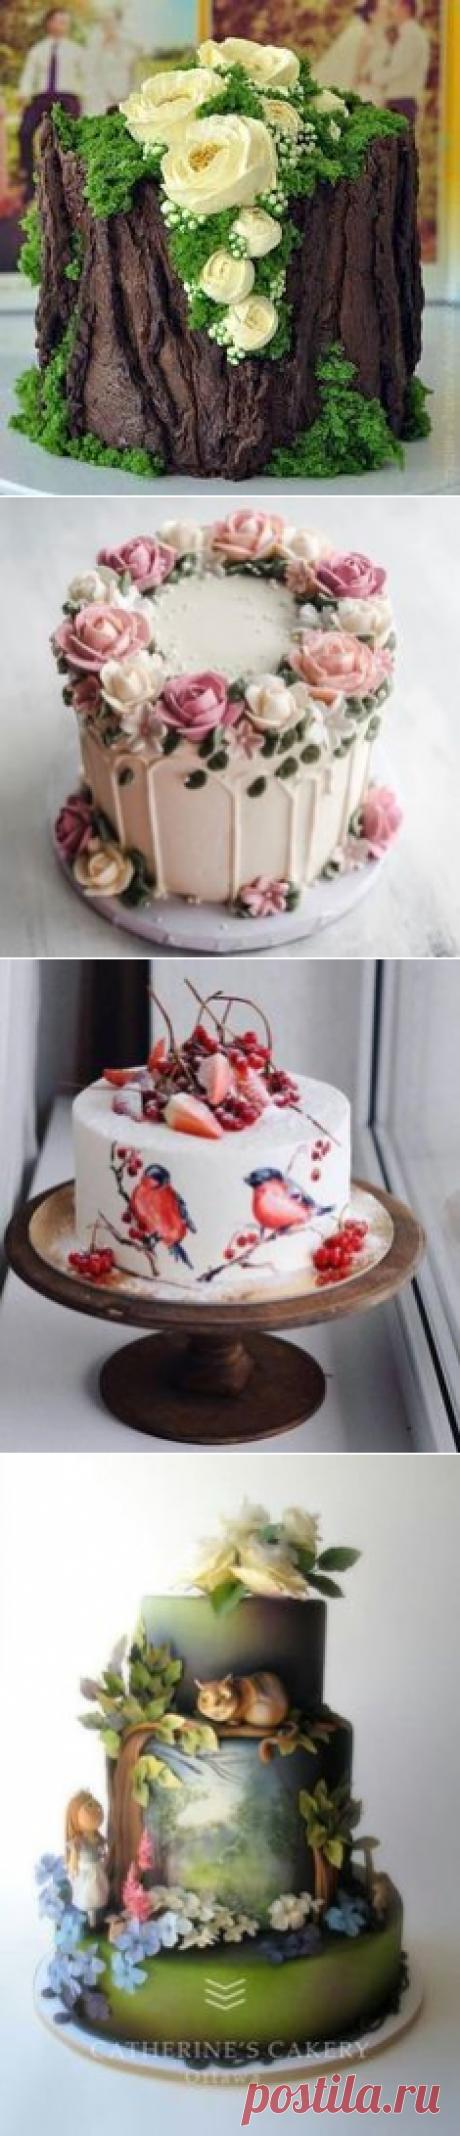 Художественные торты